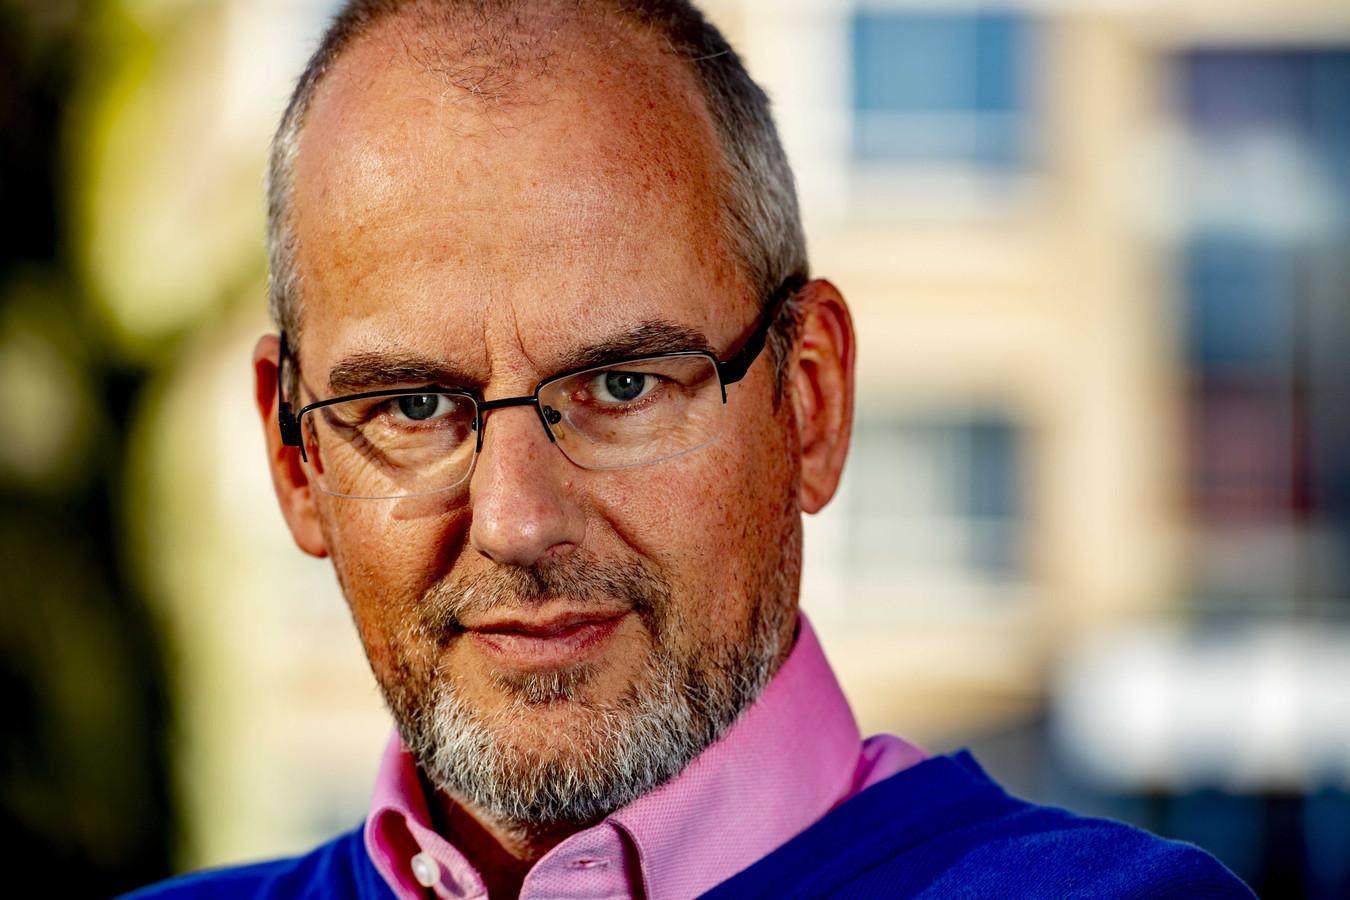 Haagse Raadsleden ergeren zich aan Arnoud van Doorn. Die zou veel te vaak raadsvergaderingen overslaan.  ,,Ik ben aan hen geen verantwoording schuldig.''